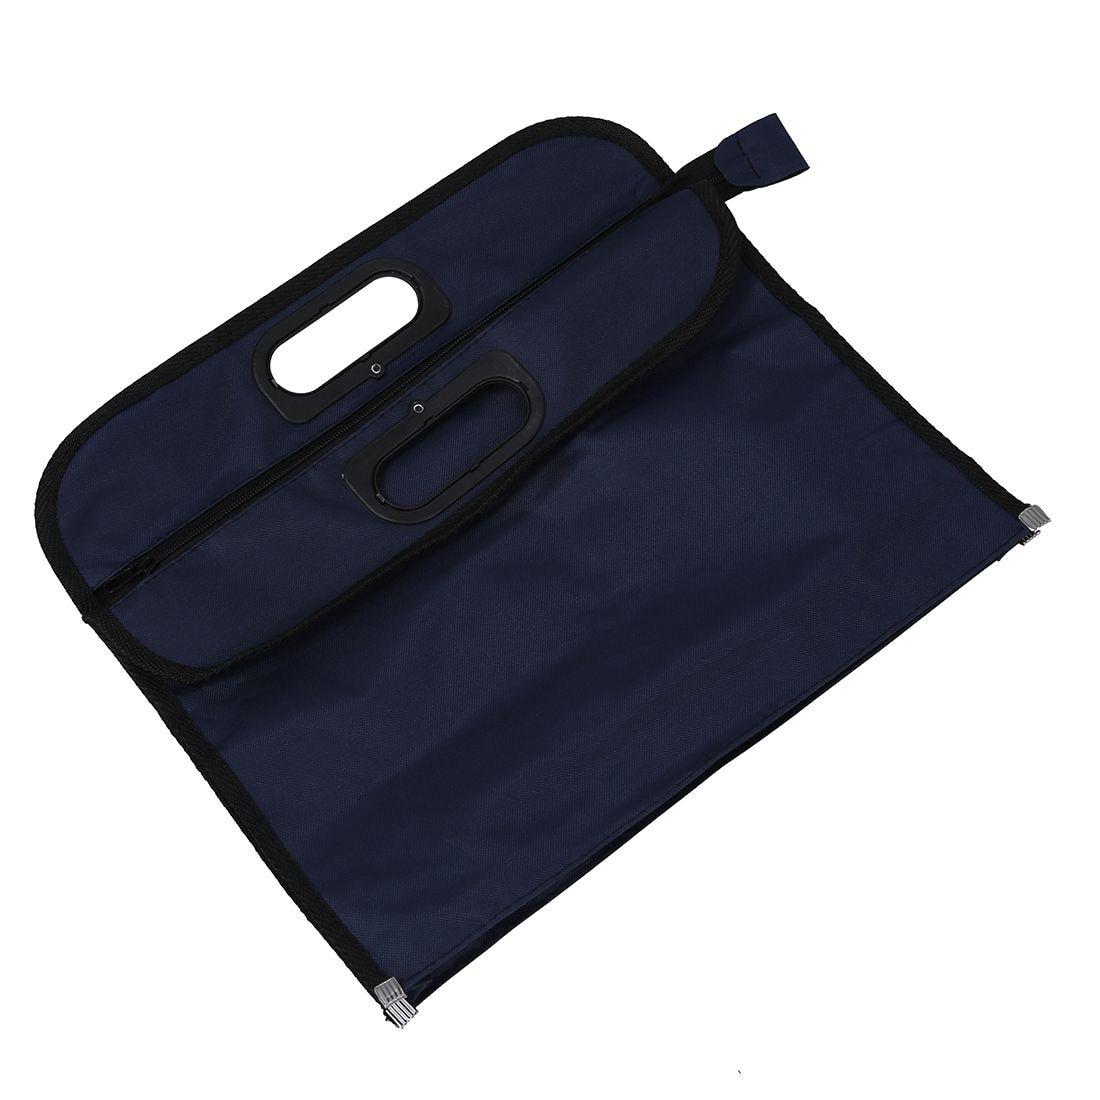 PPYY NEW -Nylon File Folder Document Bag/Organizer/Portfolio